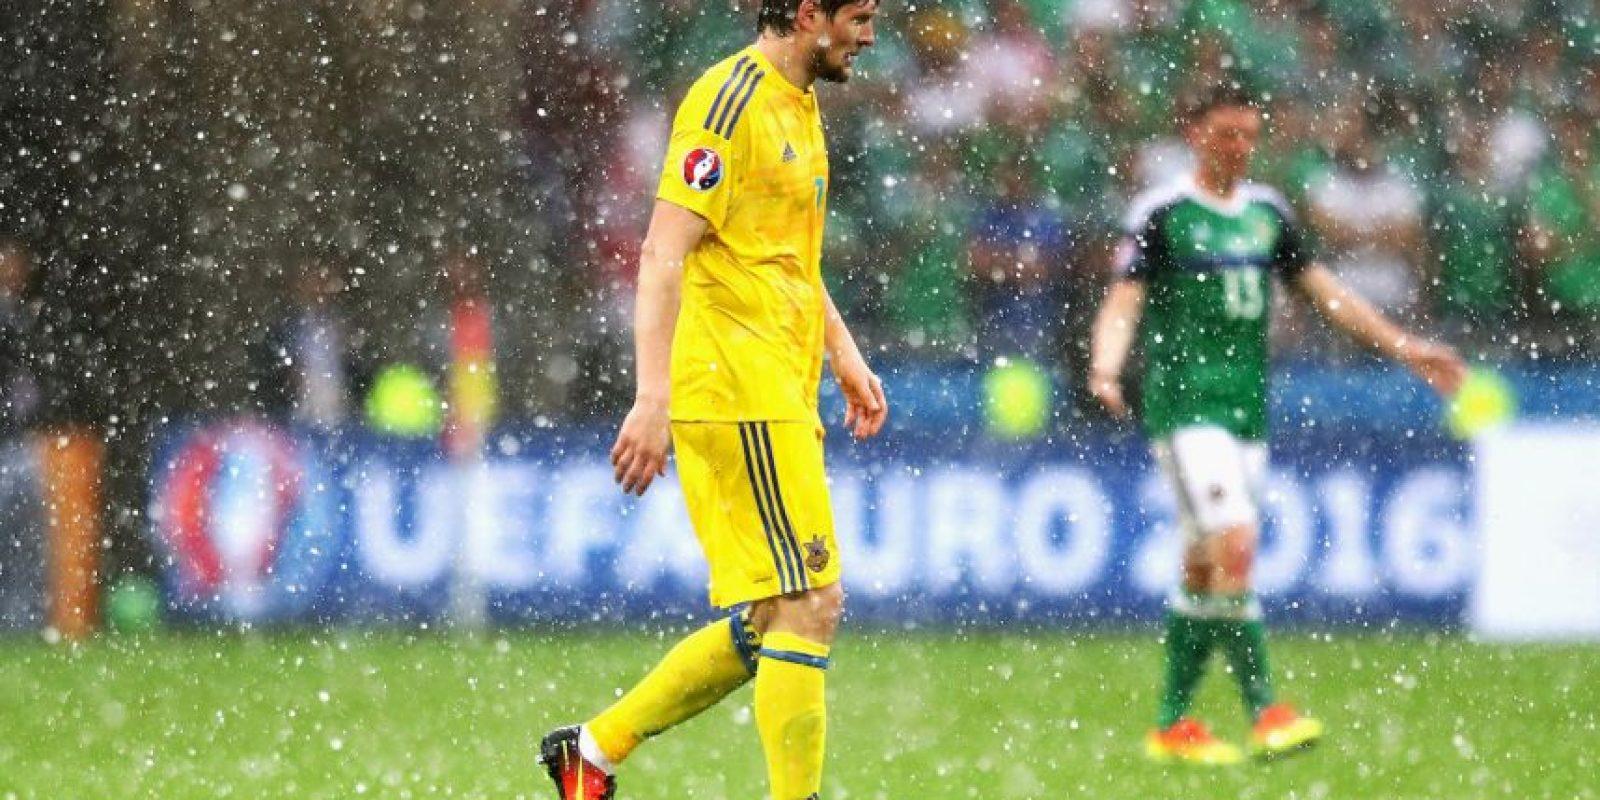 Los ucranianos han tenido una paupérrima presentación y cayeron por 1 a 0 ante Polonia y 2 a 0 frente a Irlanda del Norte, por lo que terminarán de cualquier forma en el último lugar de su zona Foto:Getty Images